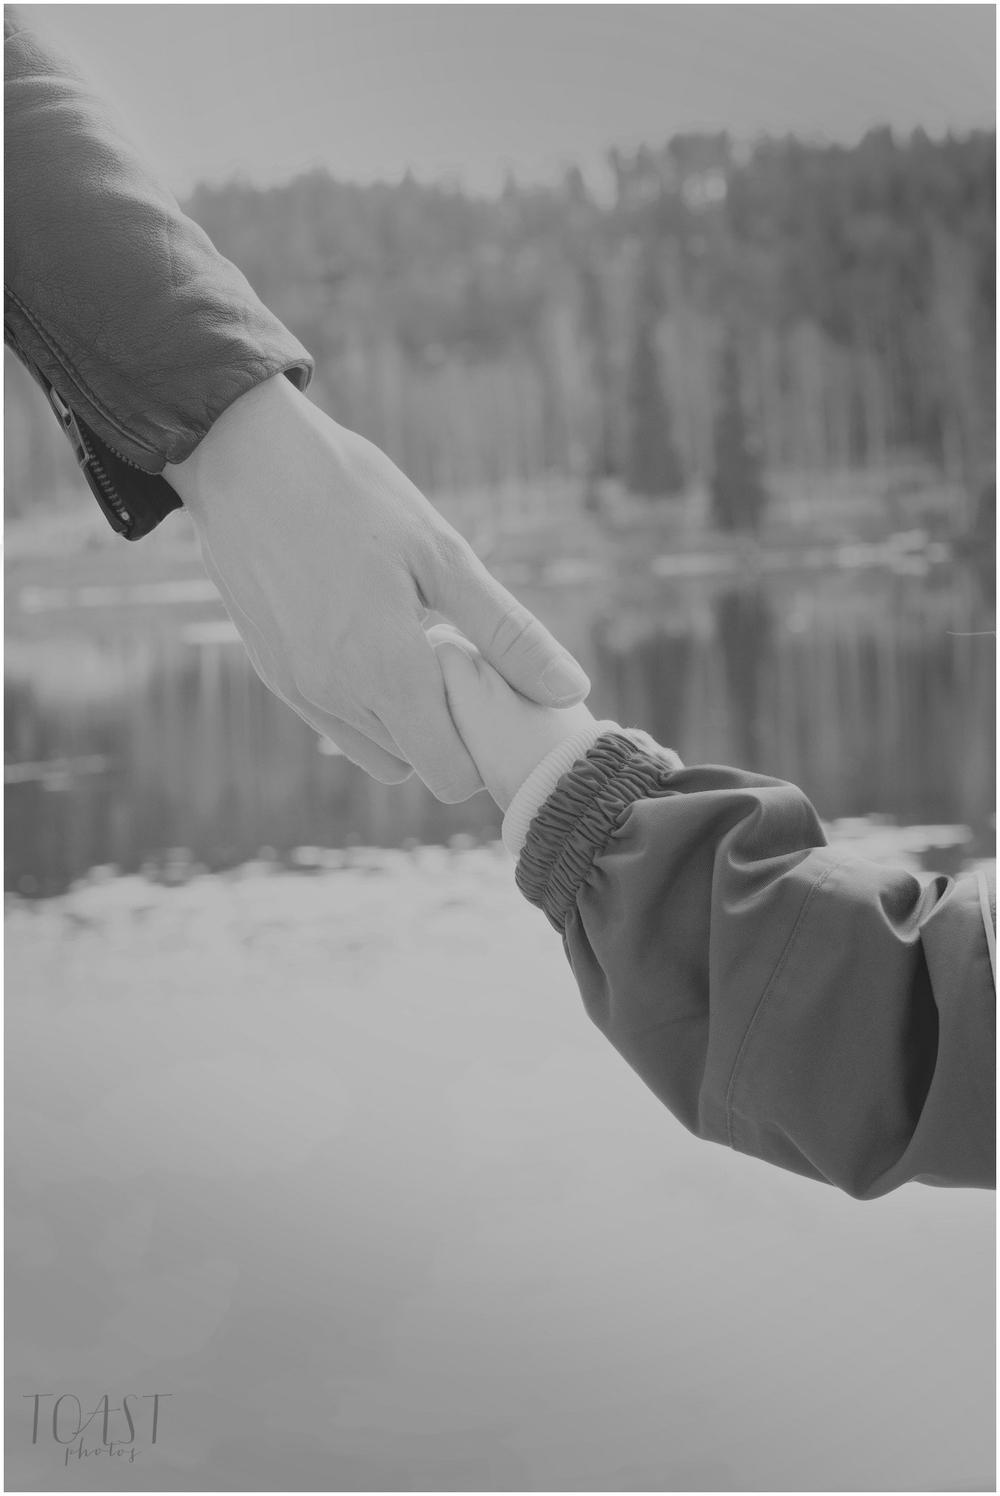 Äiti-ja-lapsi-käsi-kädessä-Kemijoen-rannalla